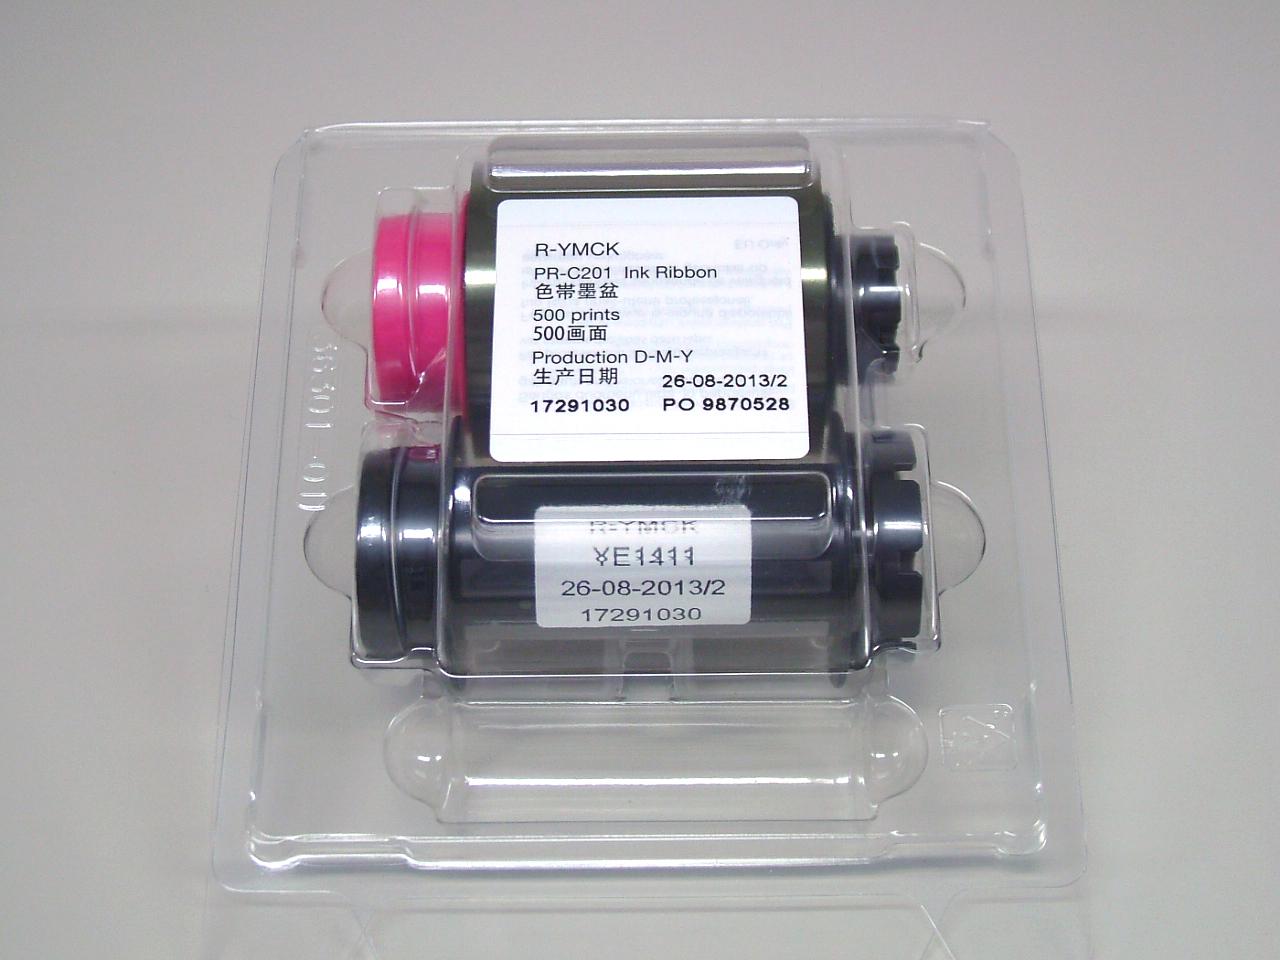 再転写用カラーリボン YMCK  500面/巻 (再転写式カードプリンタPR-C201用)